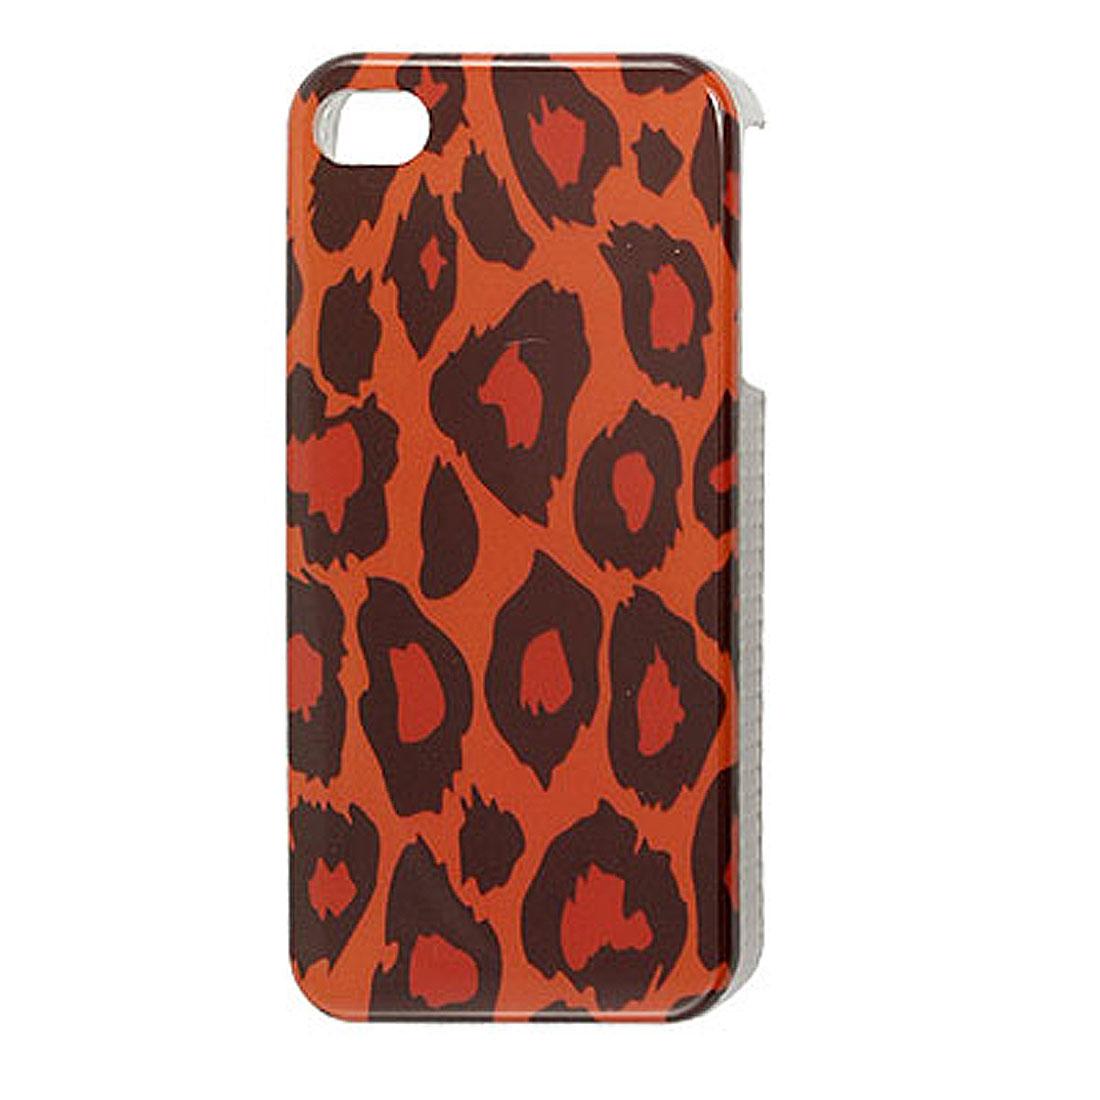 Black Leopard Pattern IMD Back Case Cover Orange for iPhone 4 4G 4S